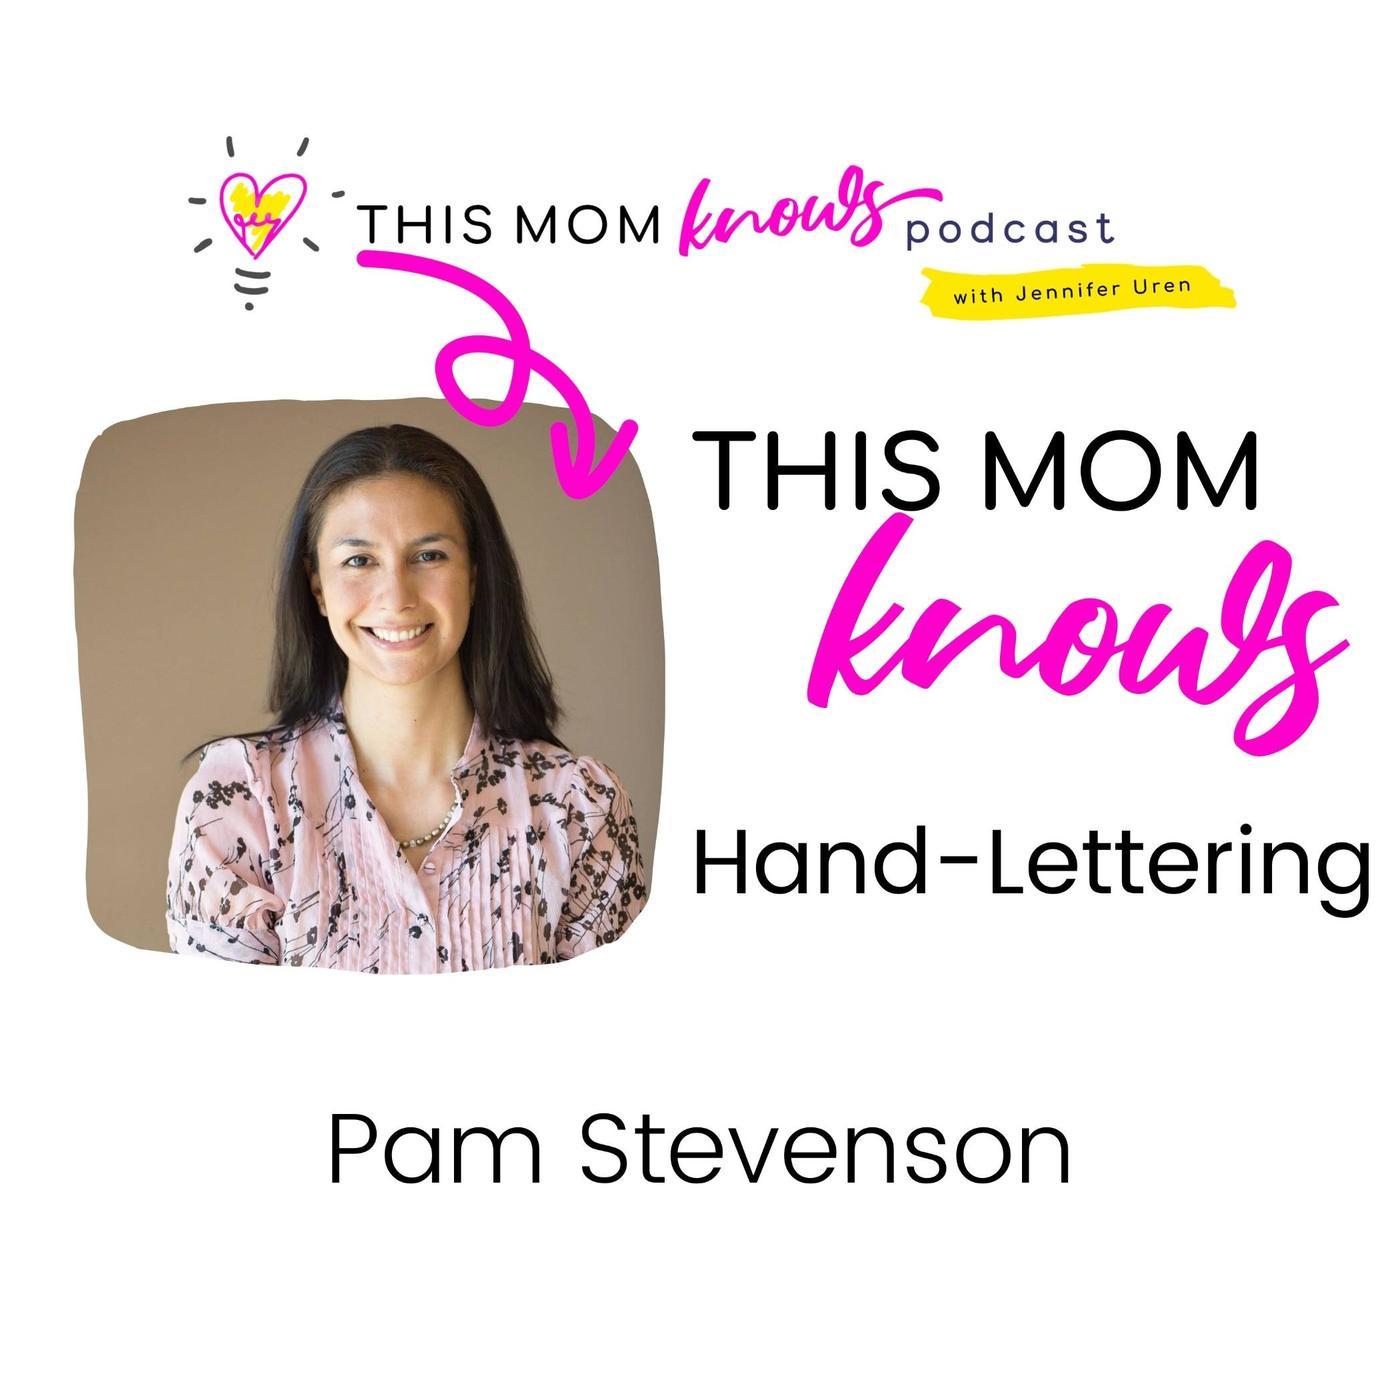 Pam Stevenson on Hand-Lettering